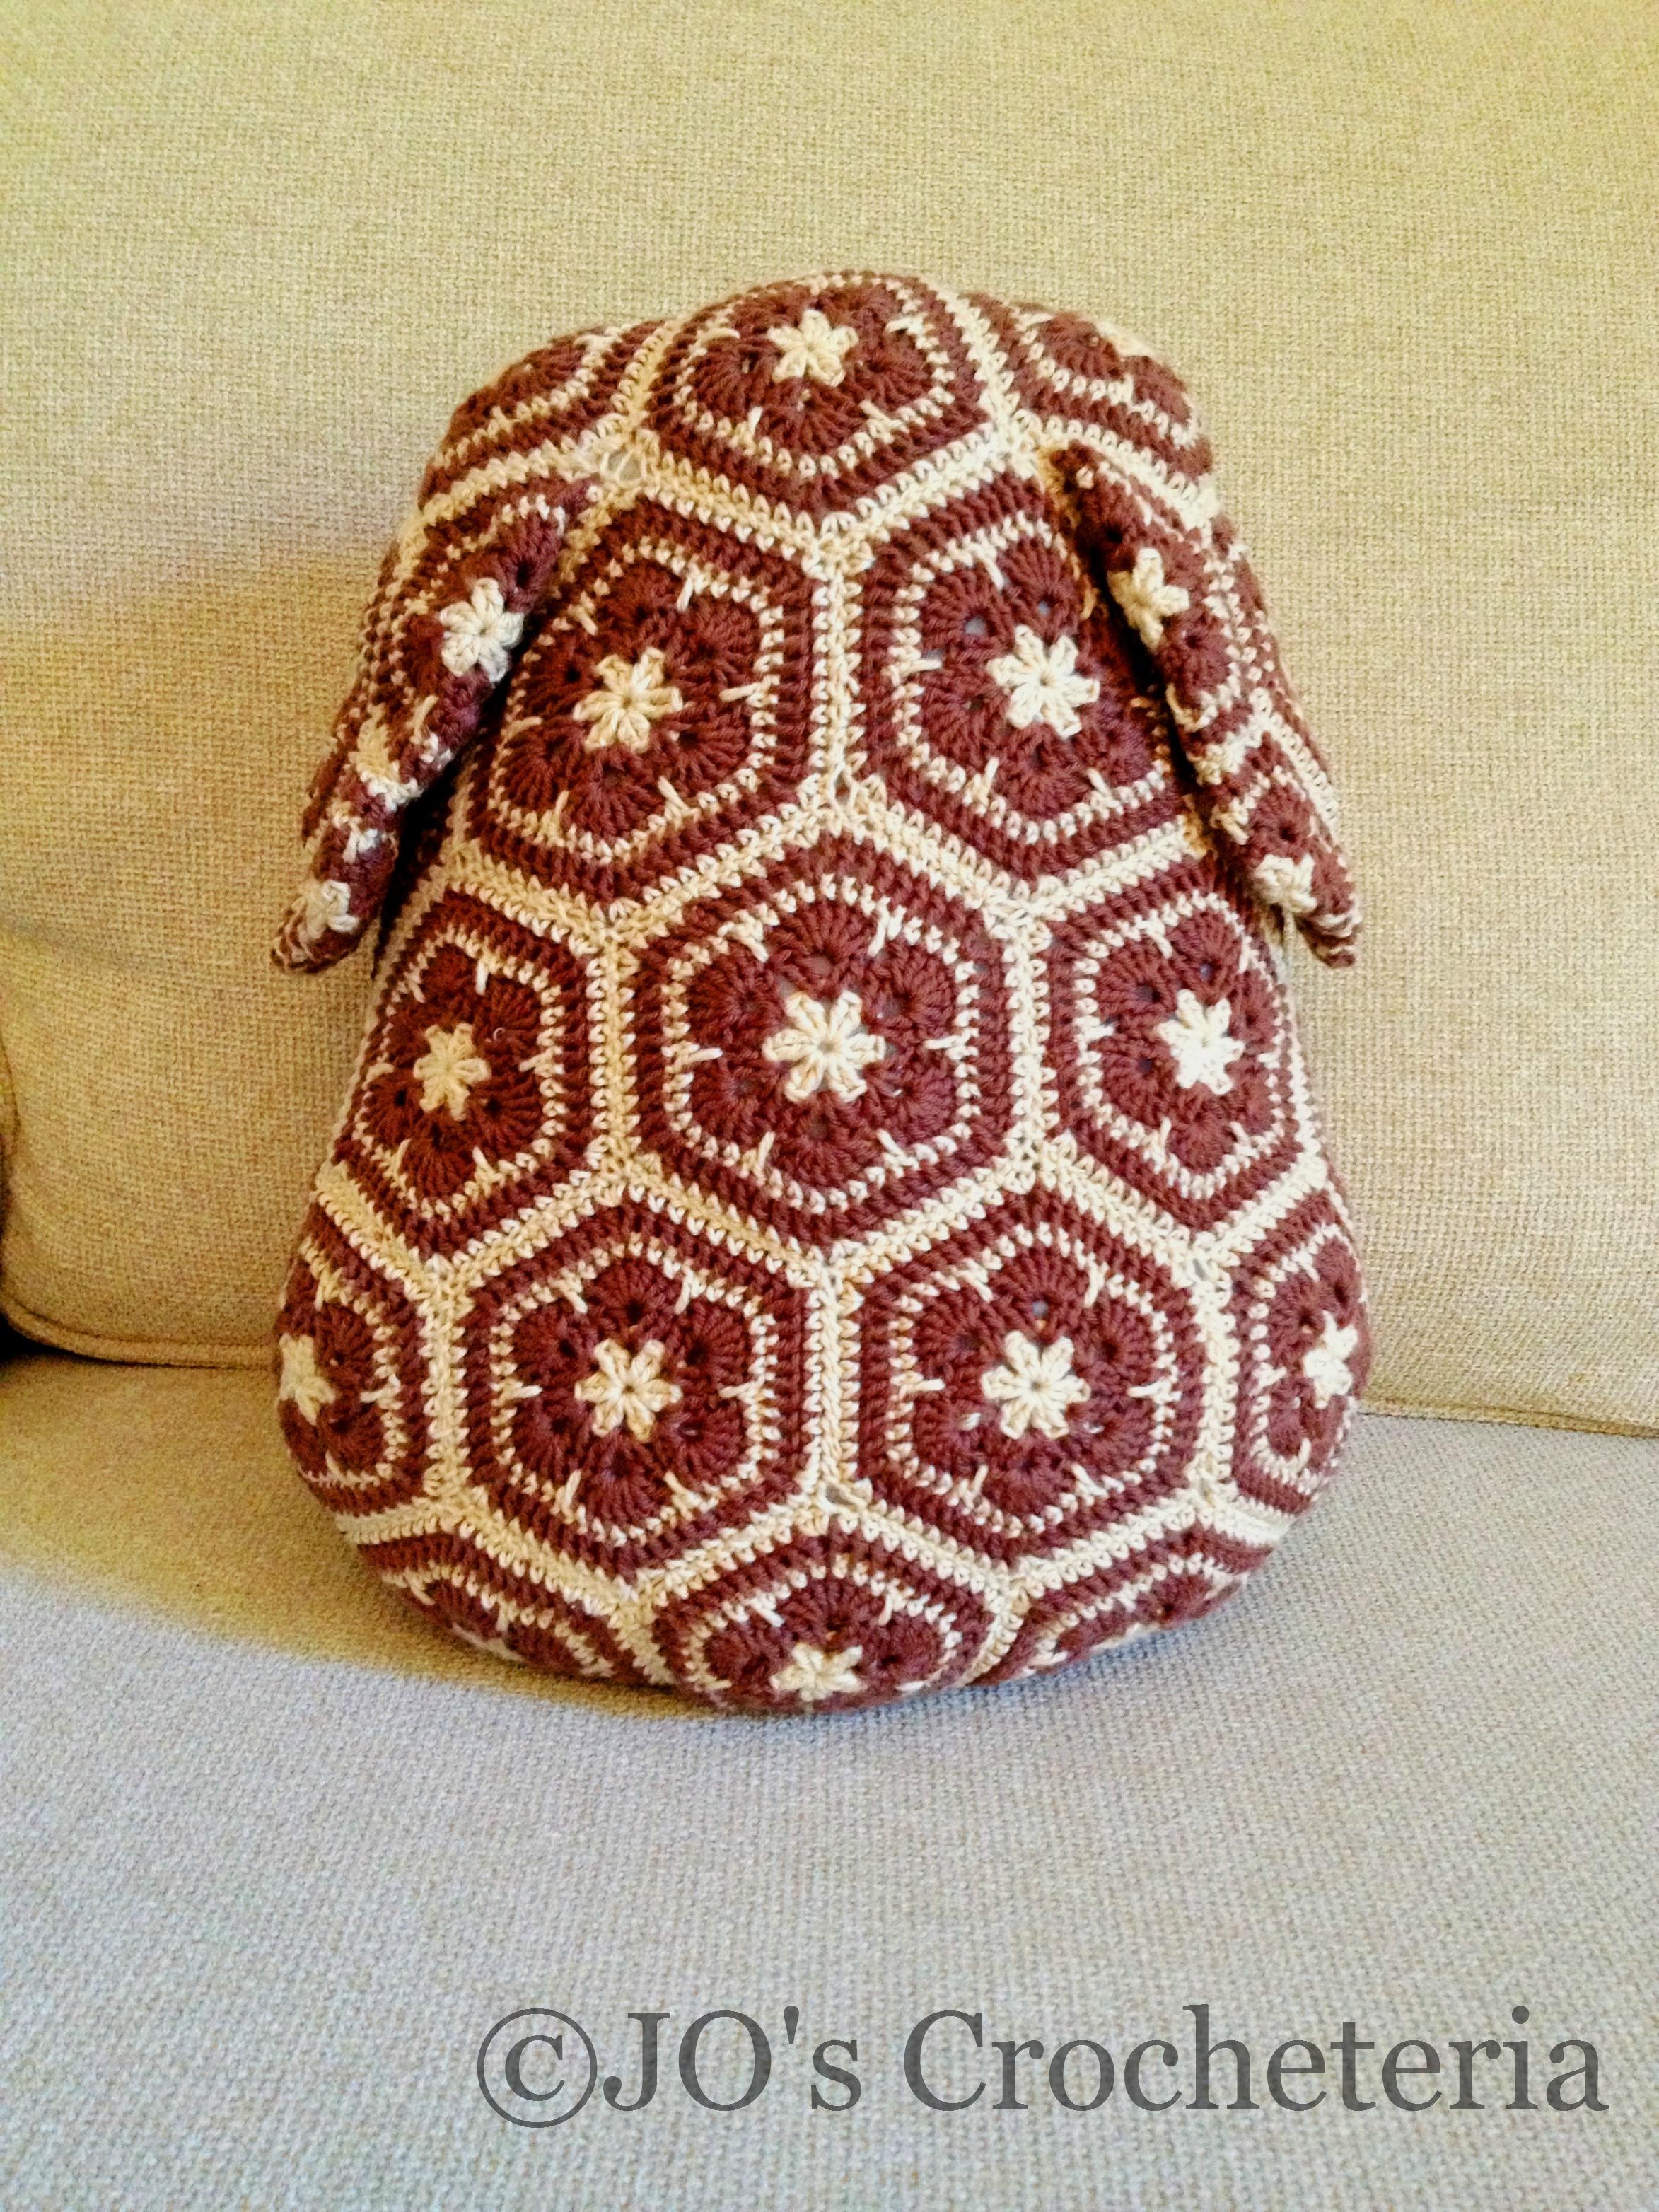 African Flower Written Crochet Pattern : African flower dog crochet pattern picture 4.1 JOs ...